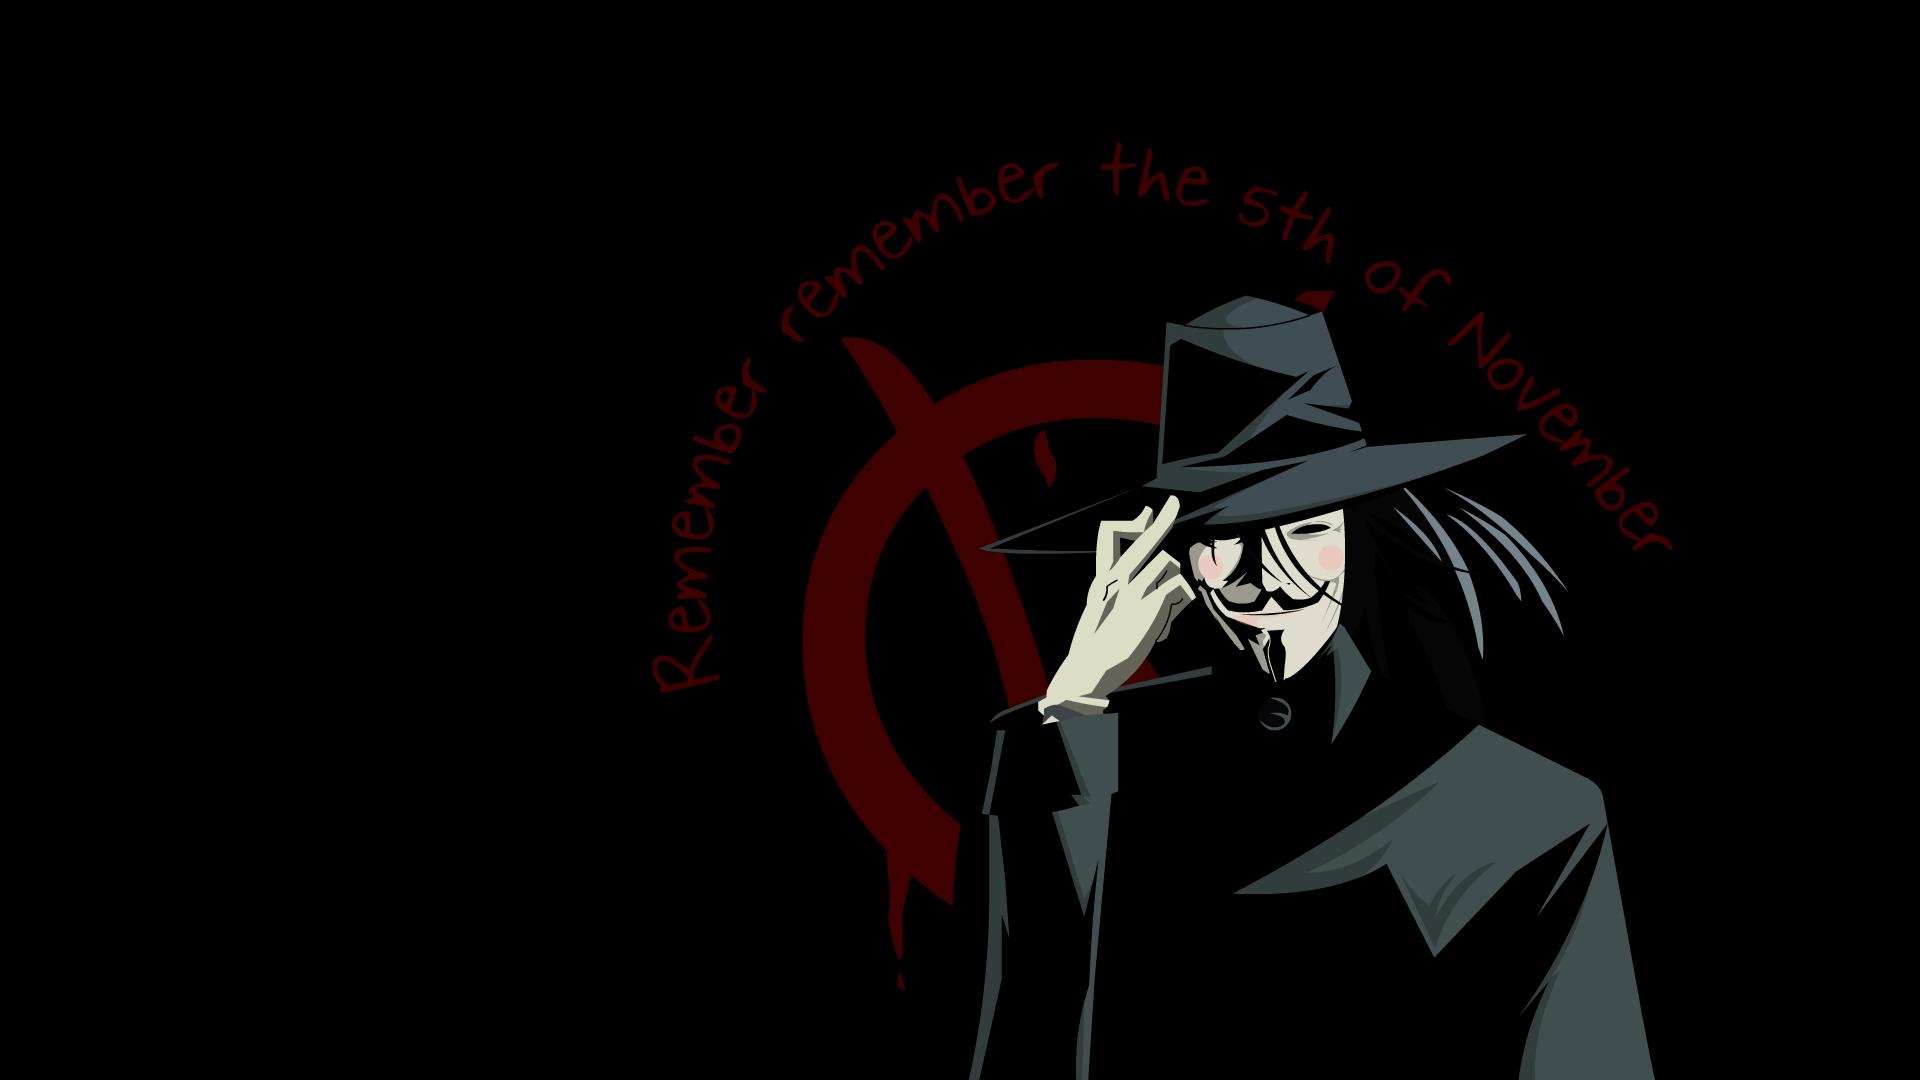 November Fall Wallpaper V For Vendetta